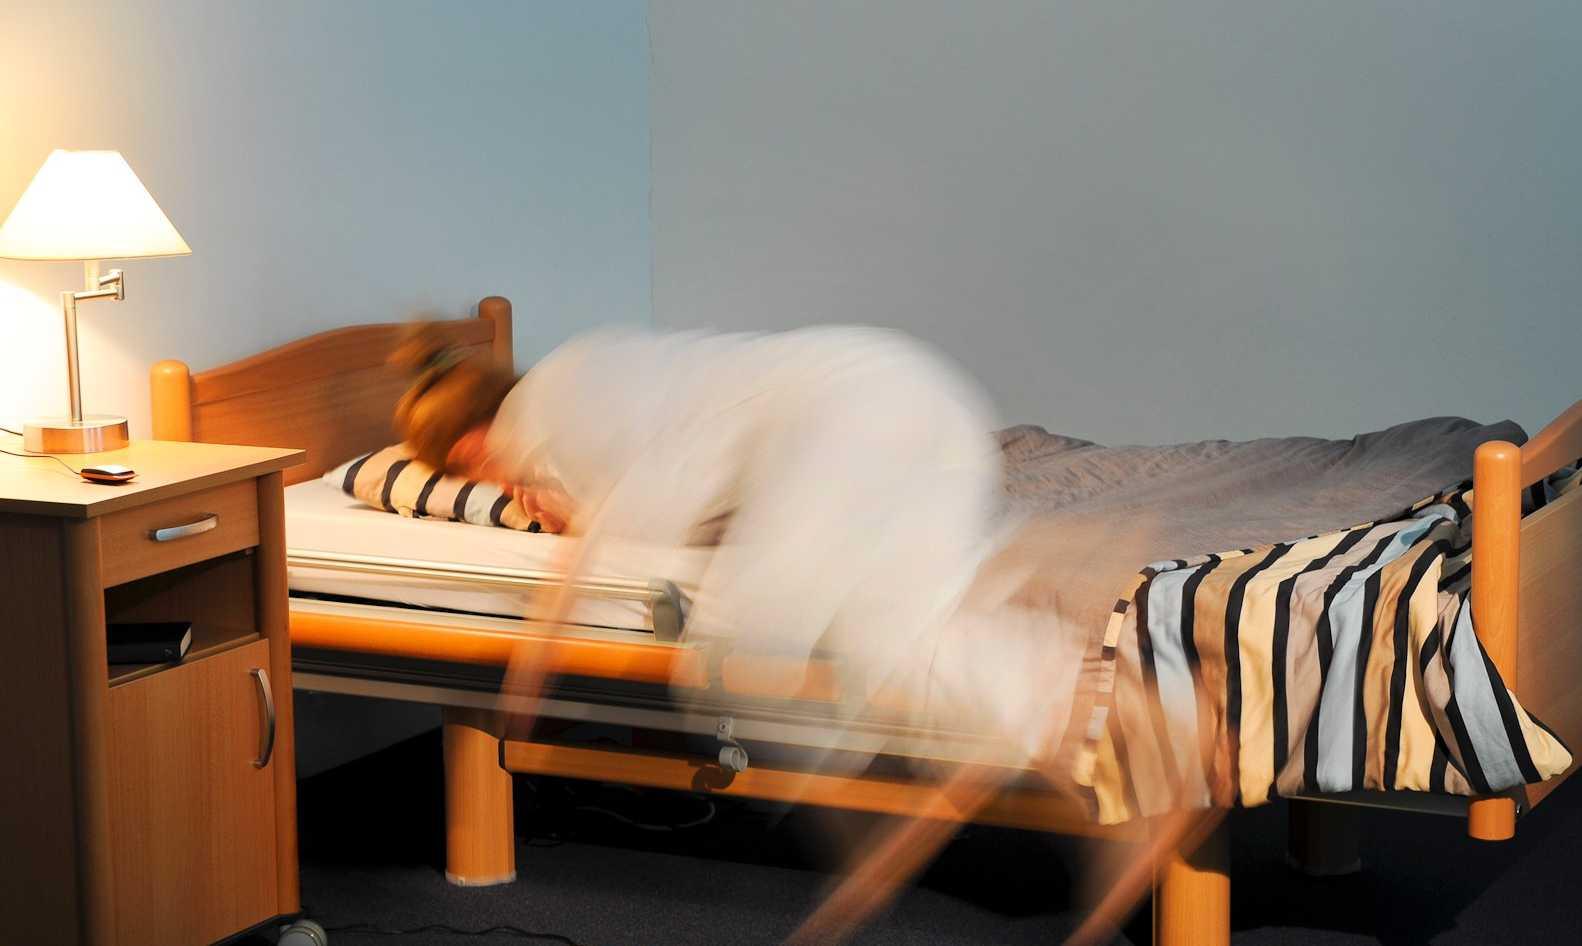 Sturzprophylaxe: Aktivitätsmeldung bei sturzgefährdeten Personen über den Sensorboden